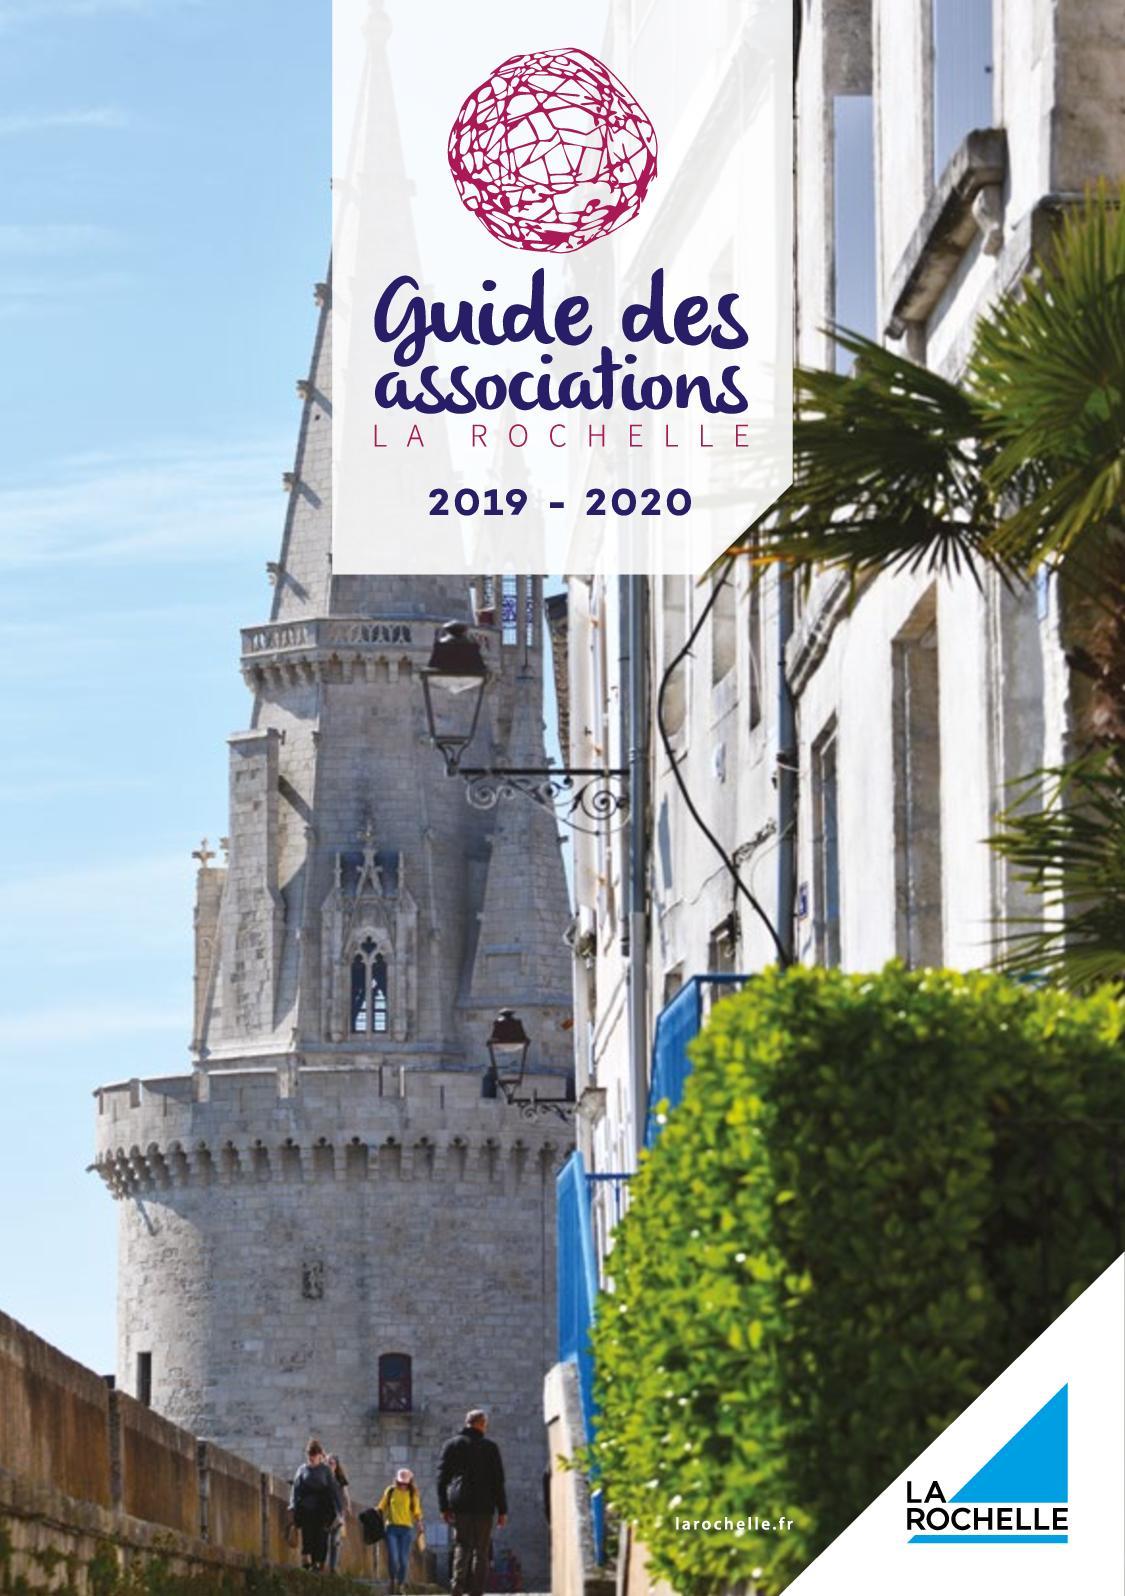 Ffcc Calendrier 2020.Calameo Guide Des Associations 2019 2020